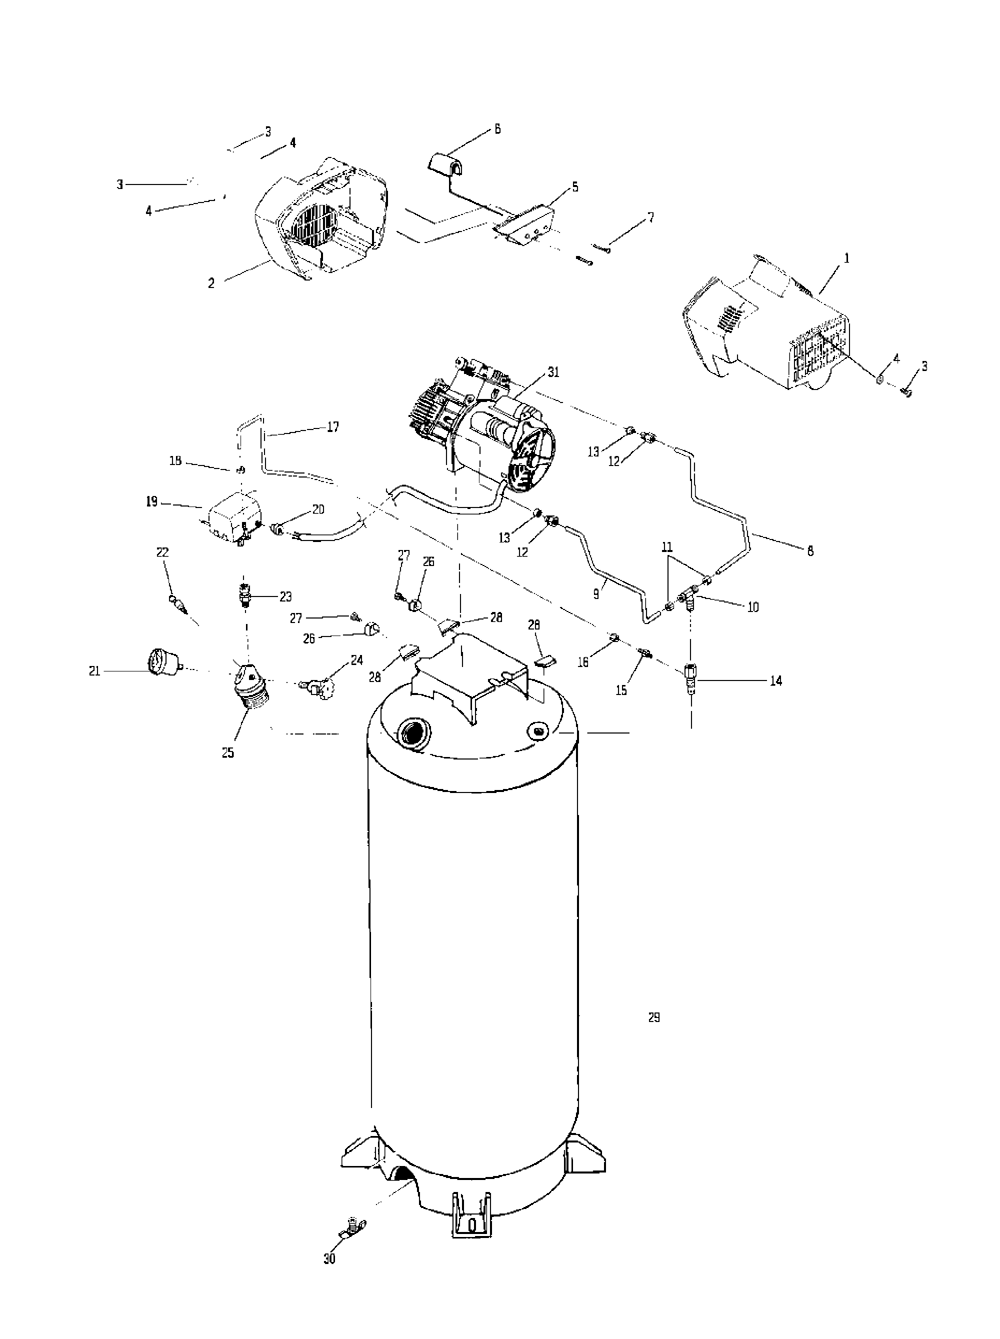 FTV560V-Devilbiss-T0-PB-1Break Down